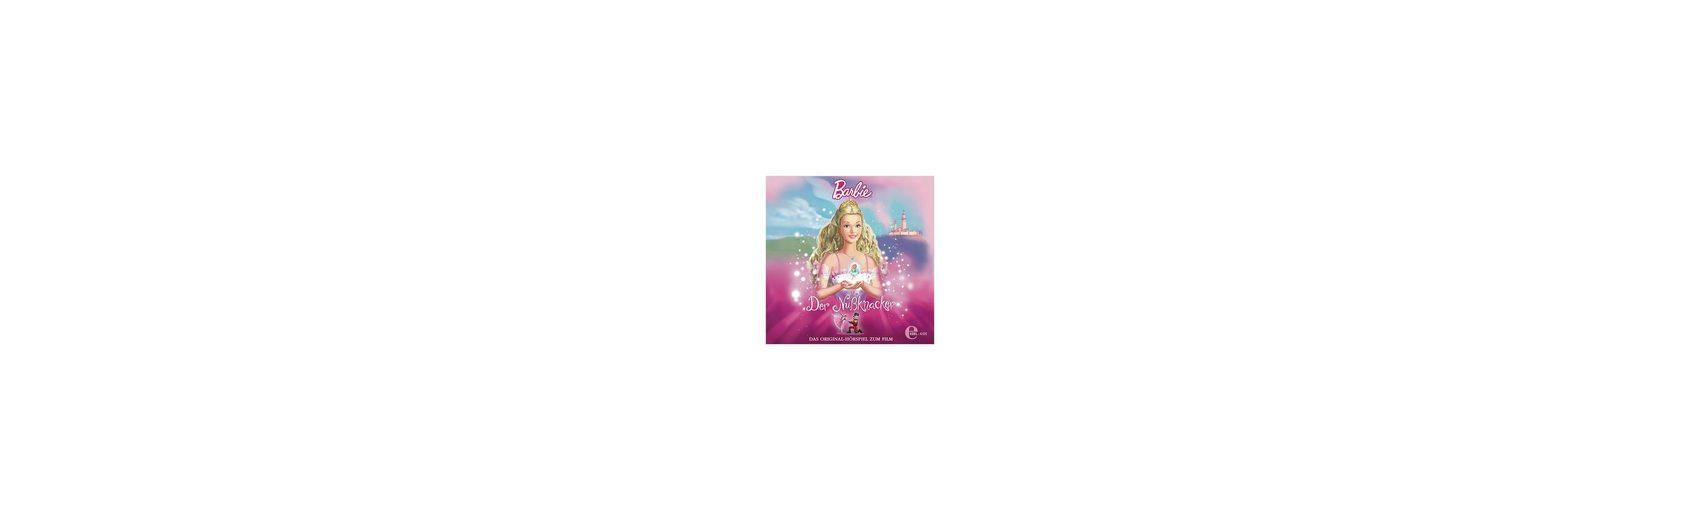 Edel Germany GmbH CD Barbie: Der Nussknacker